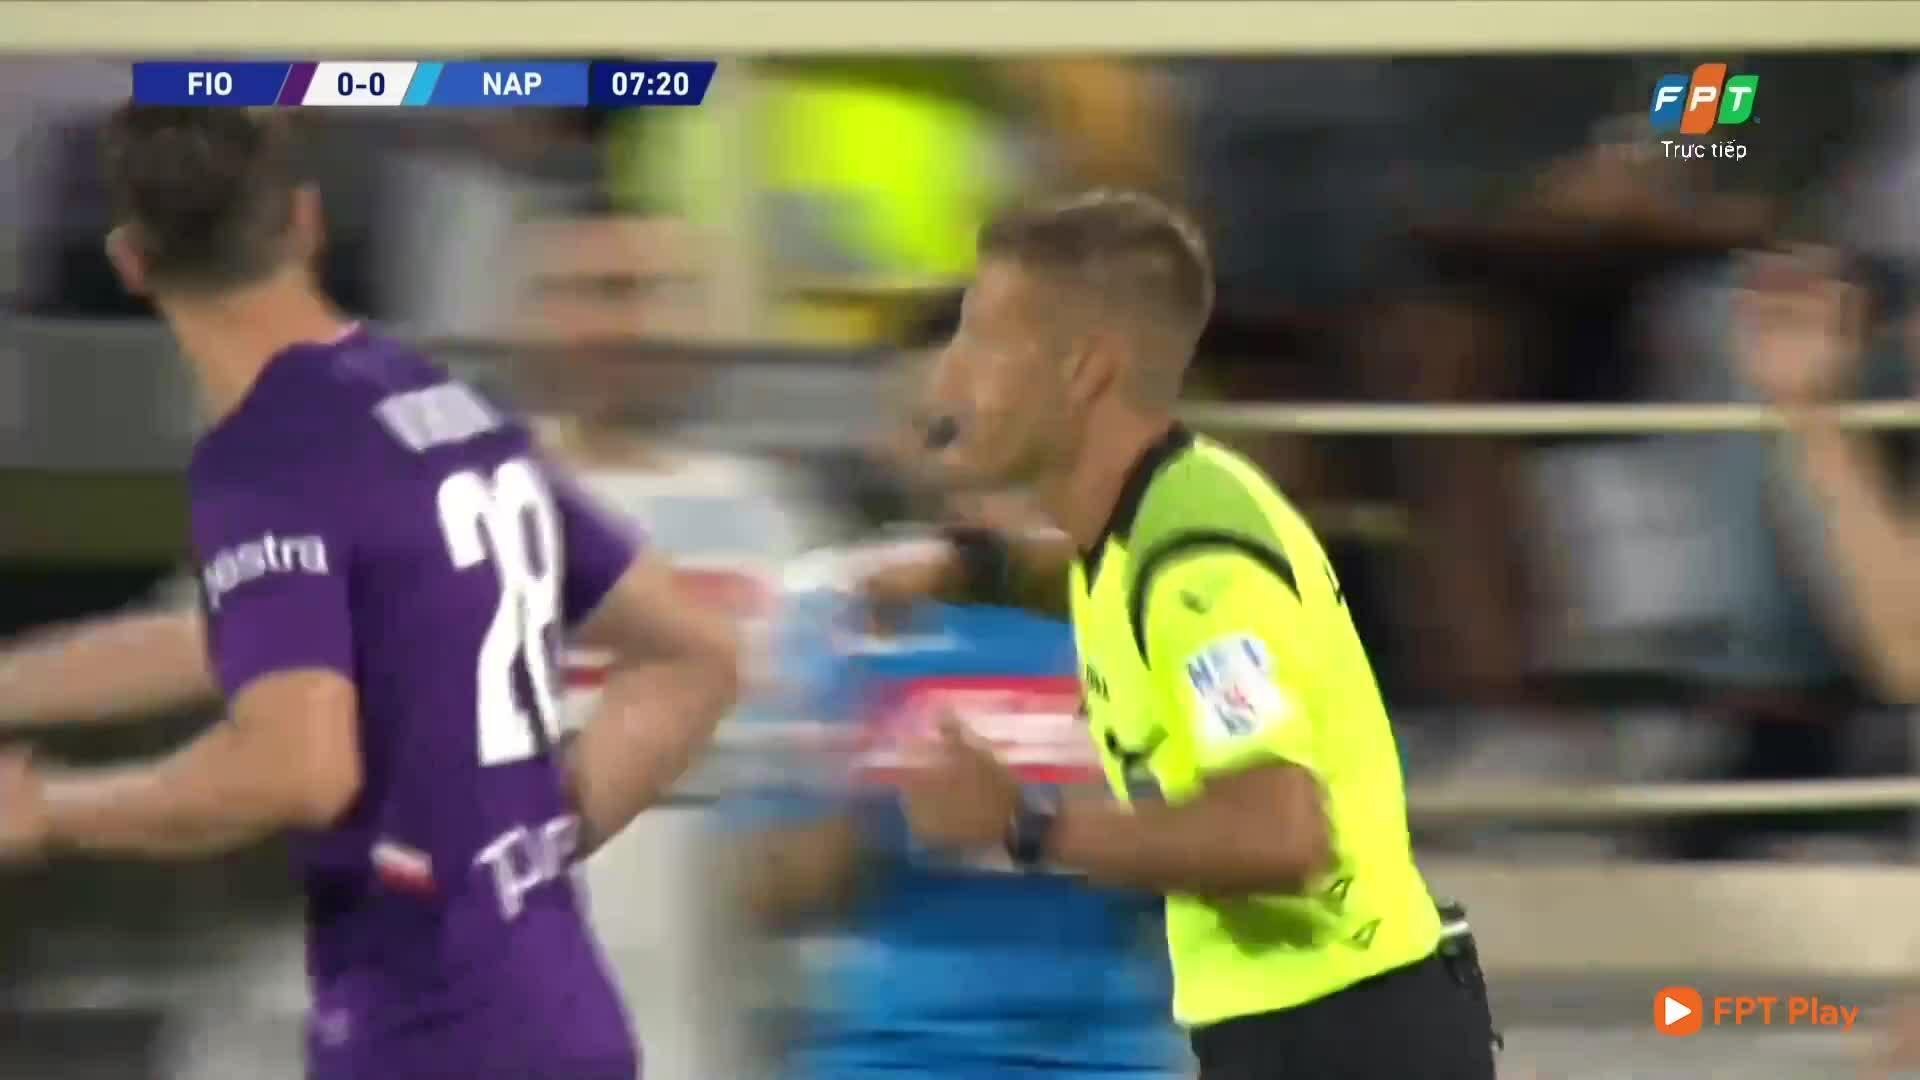 Fiorentina 3-4 Napoli